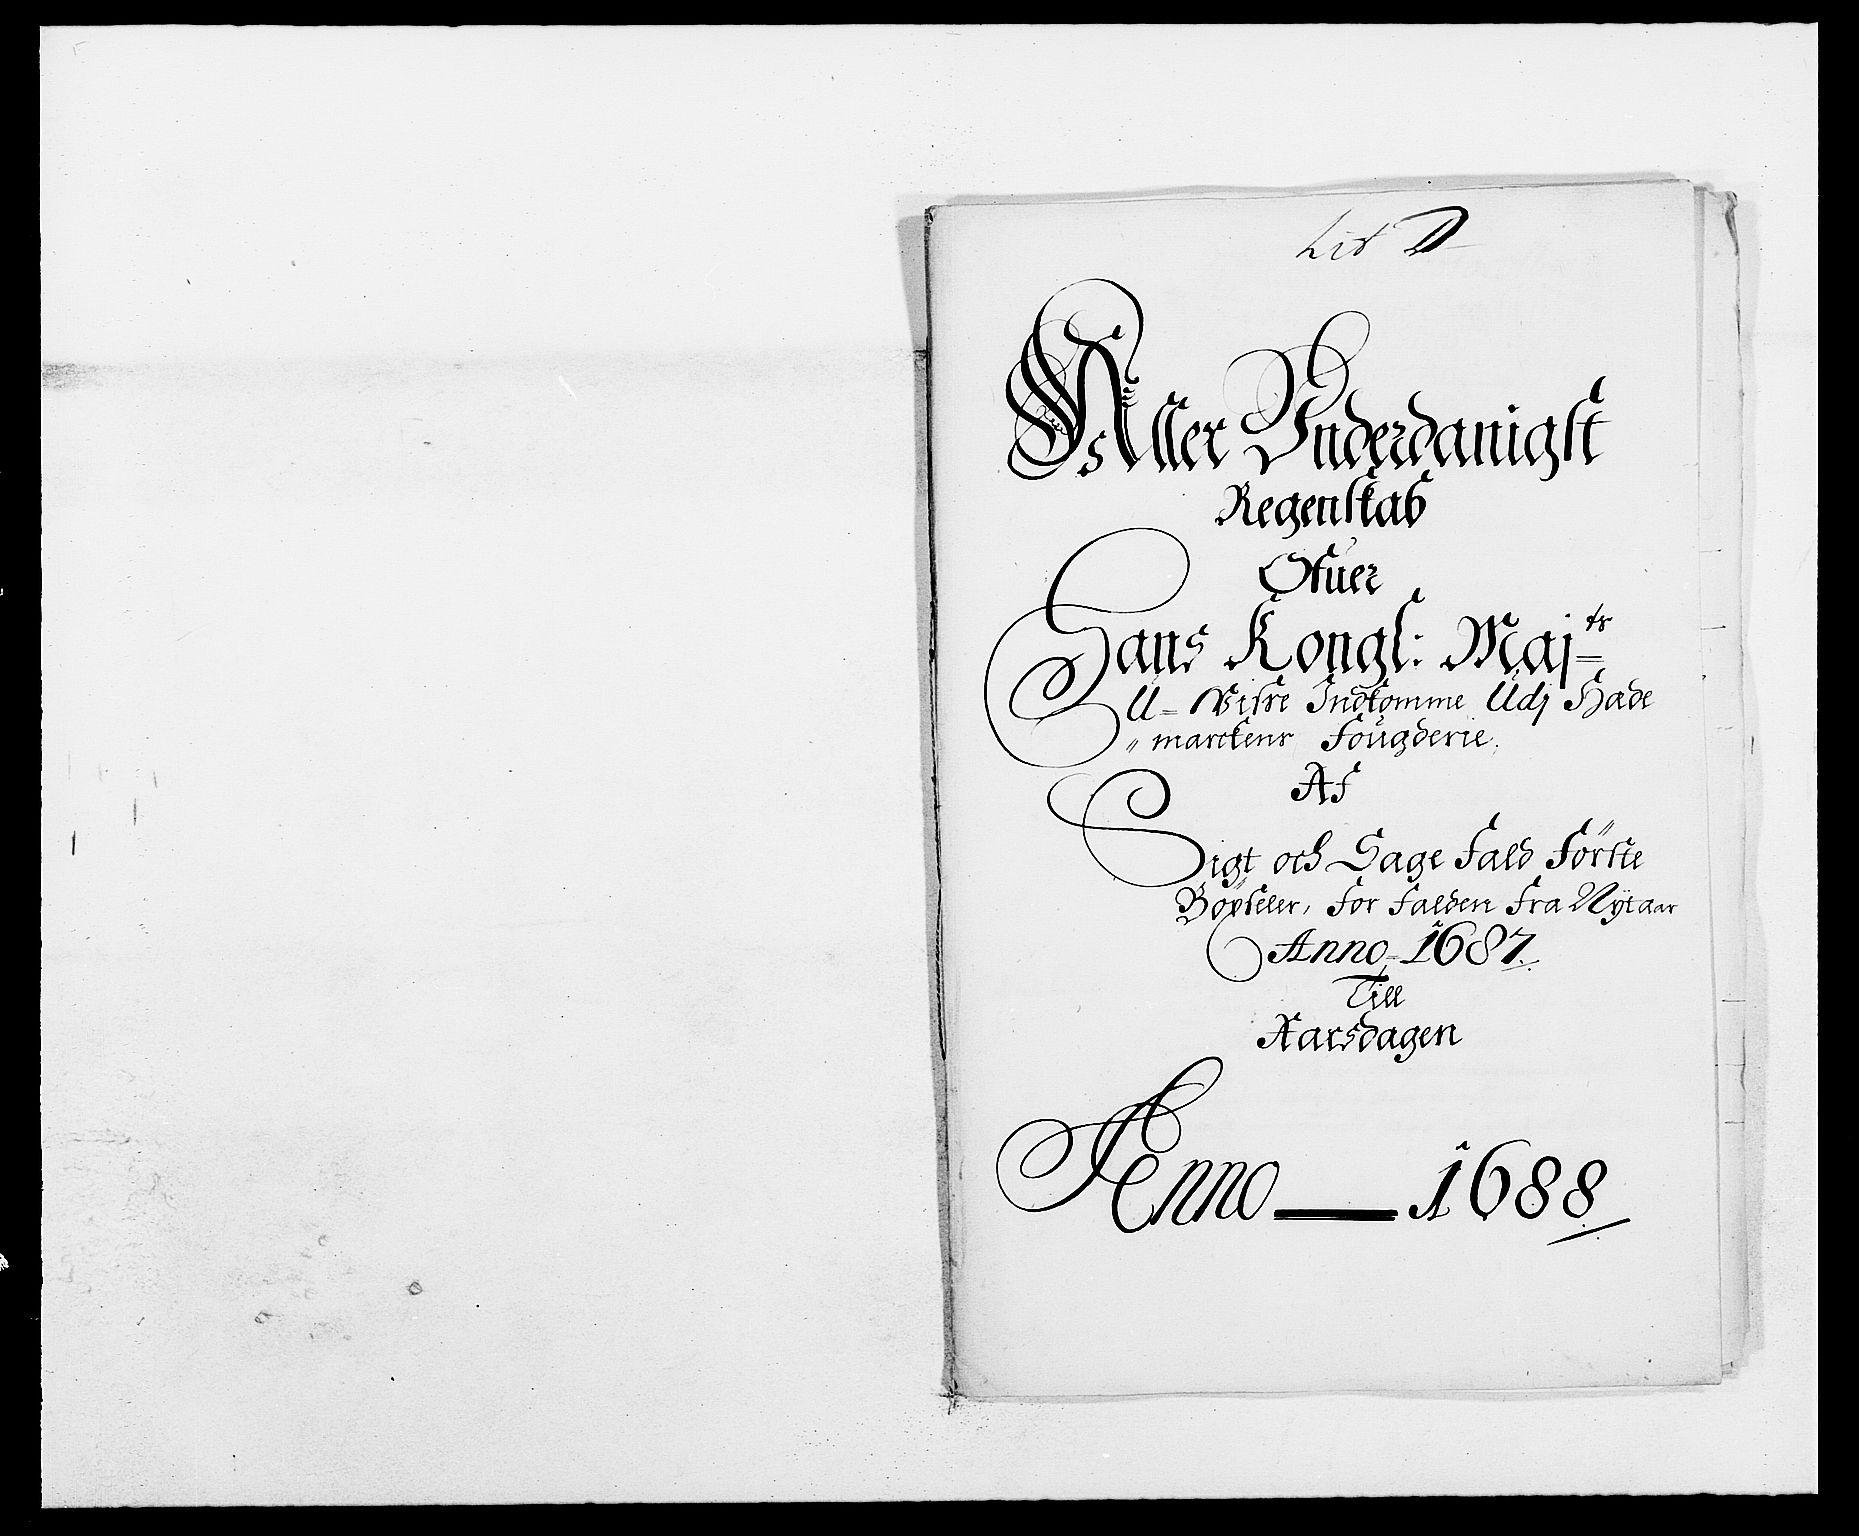 RA, Rentekammeret inntil 1814, Reviderte regnskaper, Fogderegnskap, R16/L1028: Fogderegnskap Hedmark, 1687, s. 68